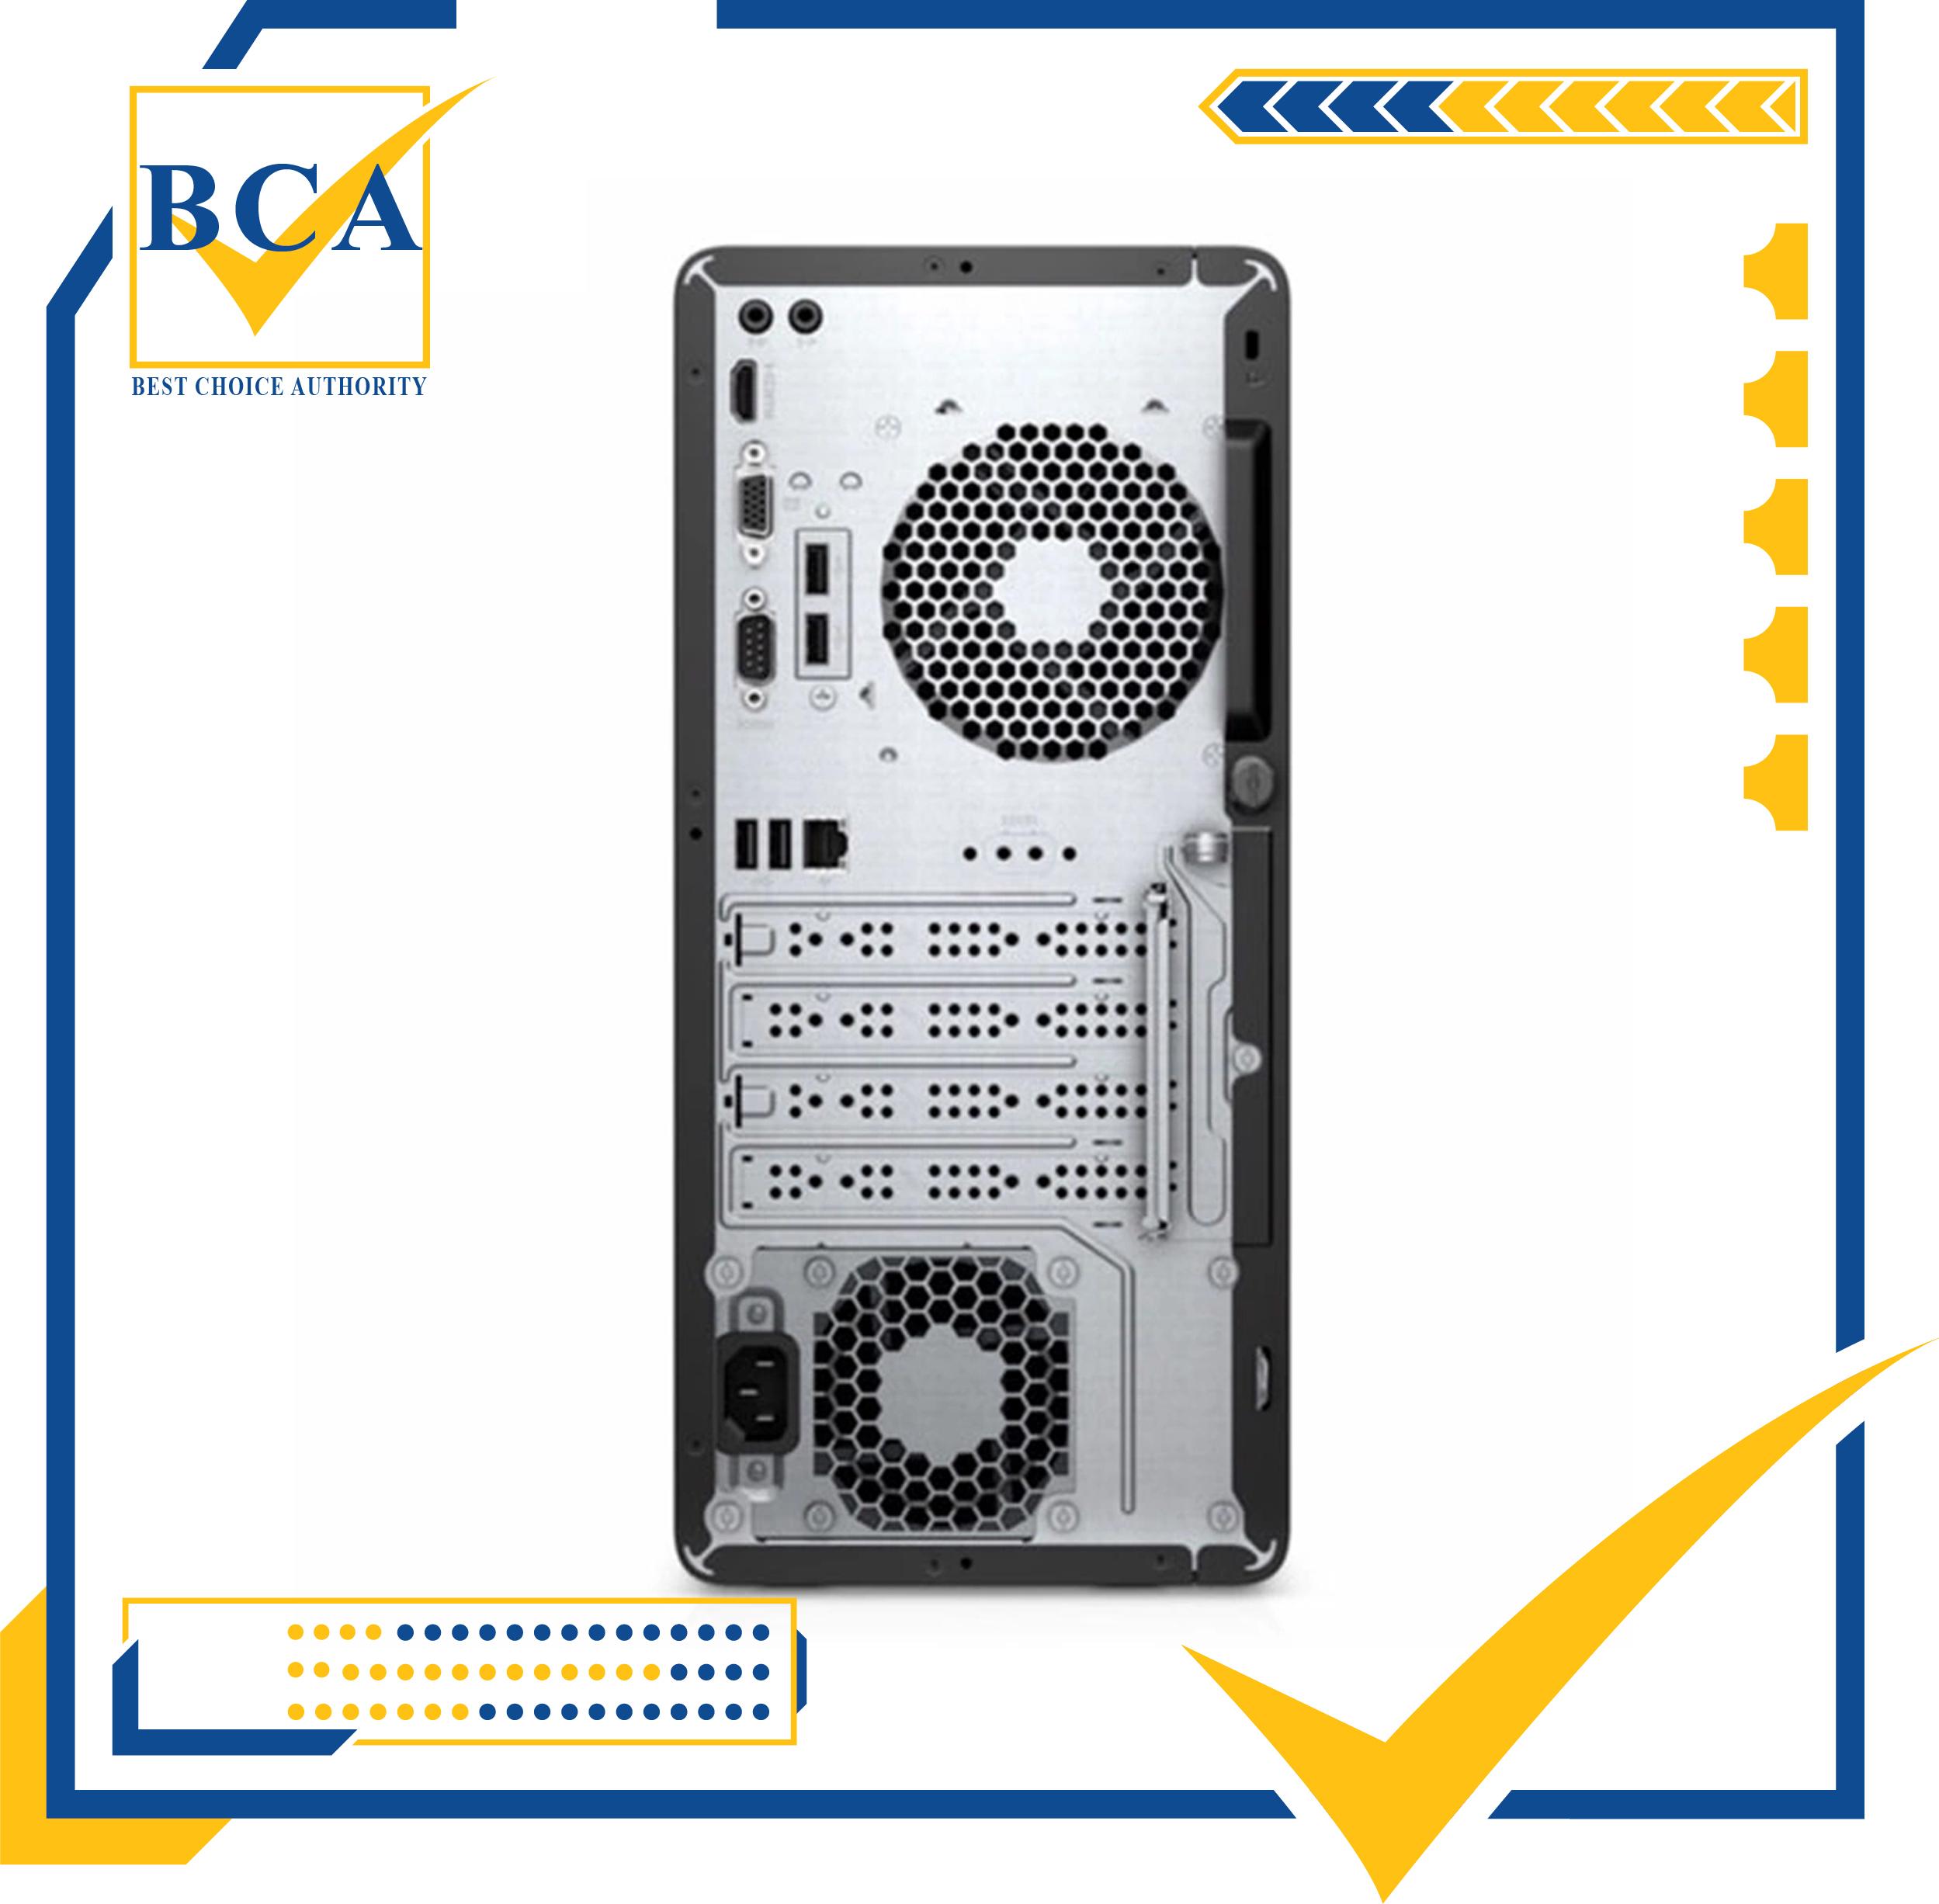 Máy tính để bàn HP 280 Pro G6 Microtower, Core i3-10100(3.60 GHz, 6MB)/4GB RAM/1TB HDD/Intel Graphics,/Win 10 Home 64 Bảo hành 1 năm (1C7Y3PA)- Hàng chính hãng